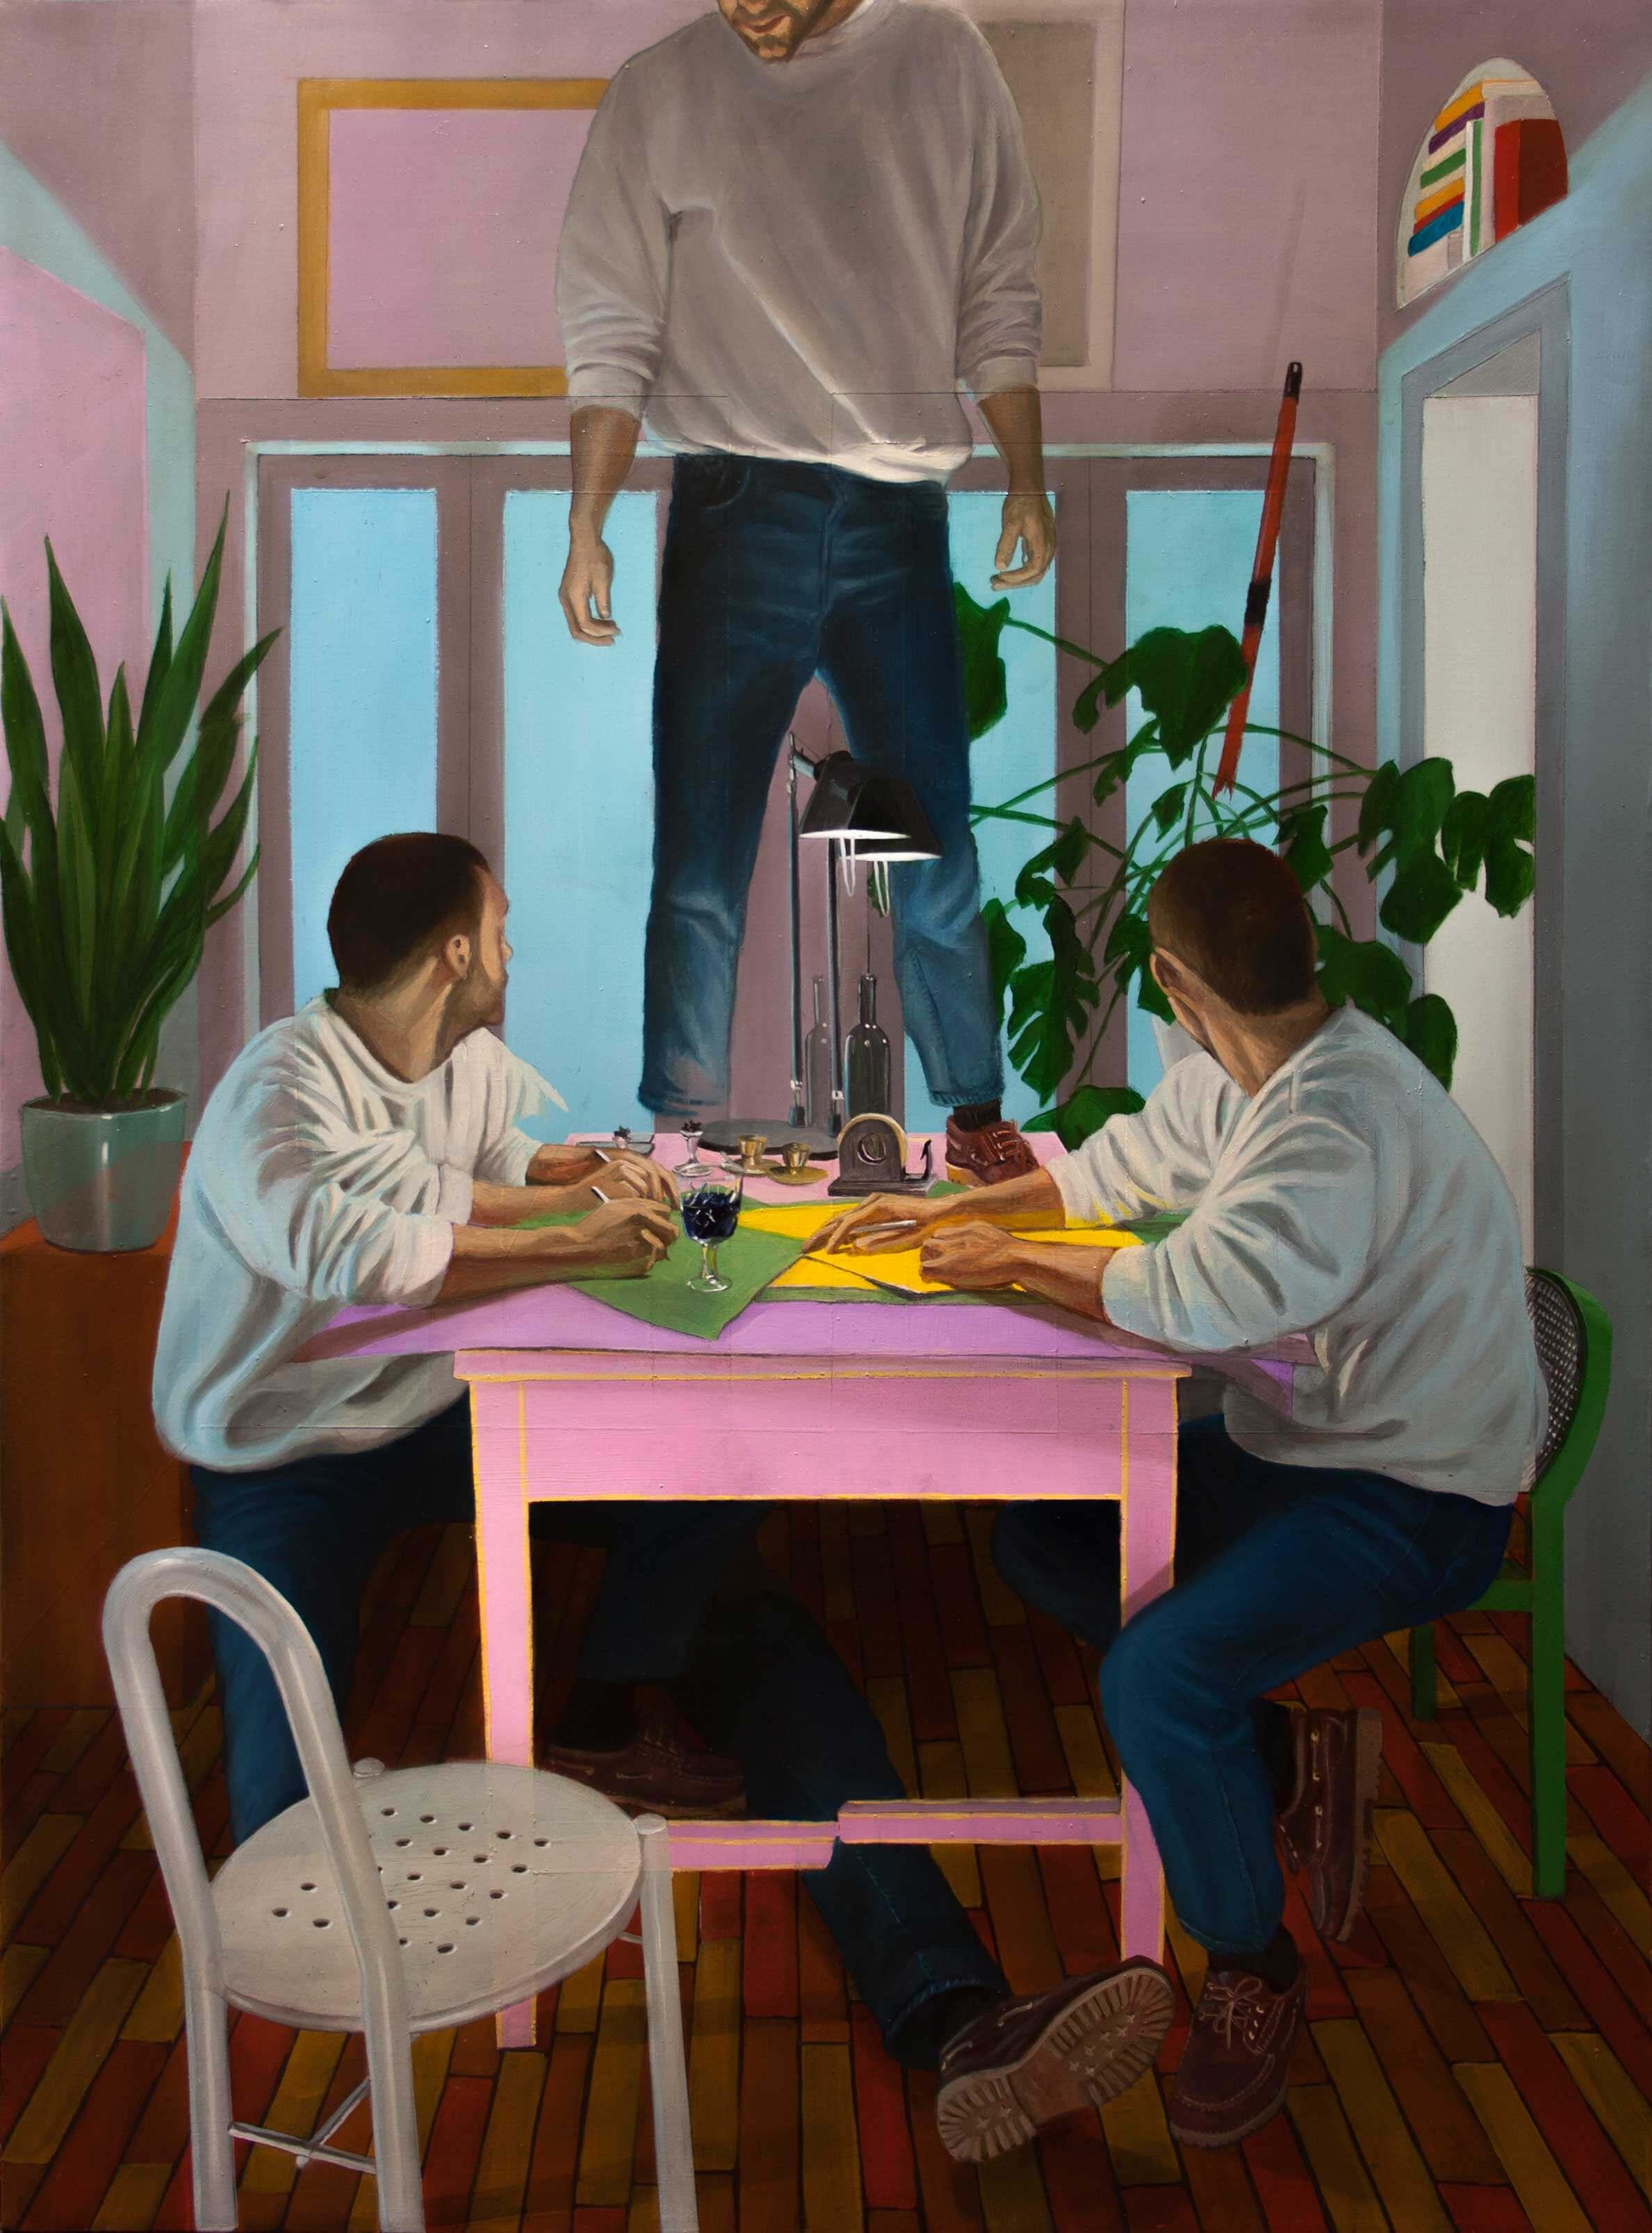 Pintura sobre lienzo de chicos en habitación